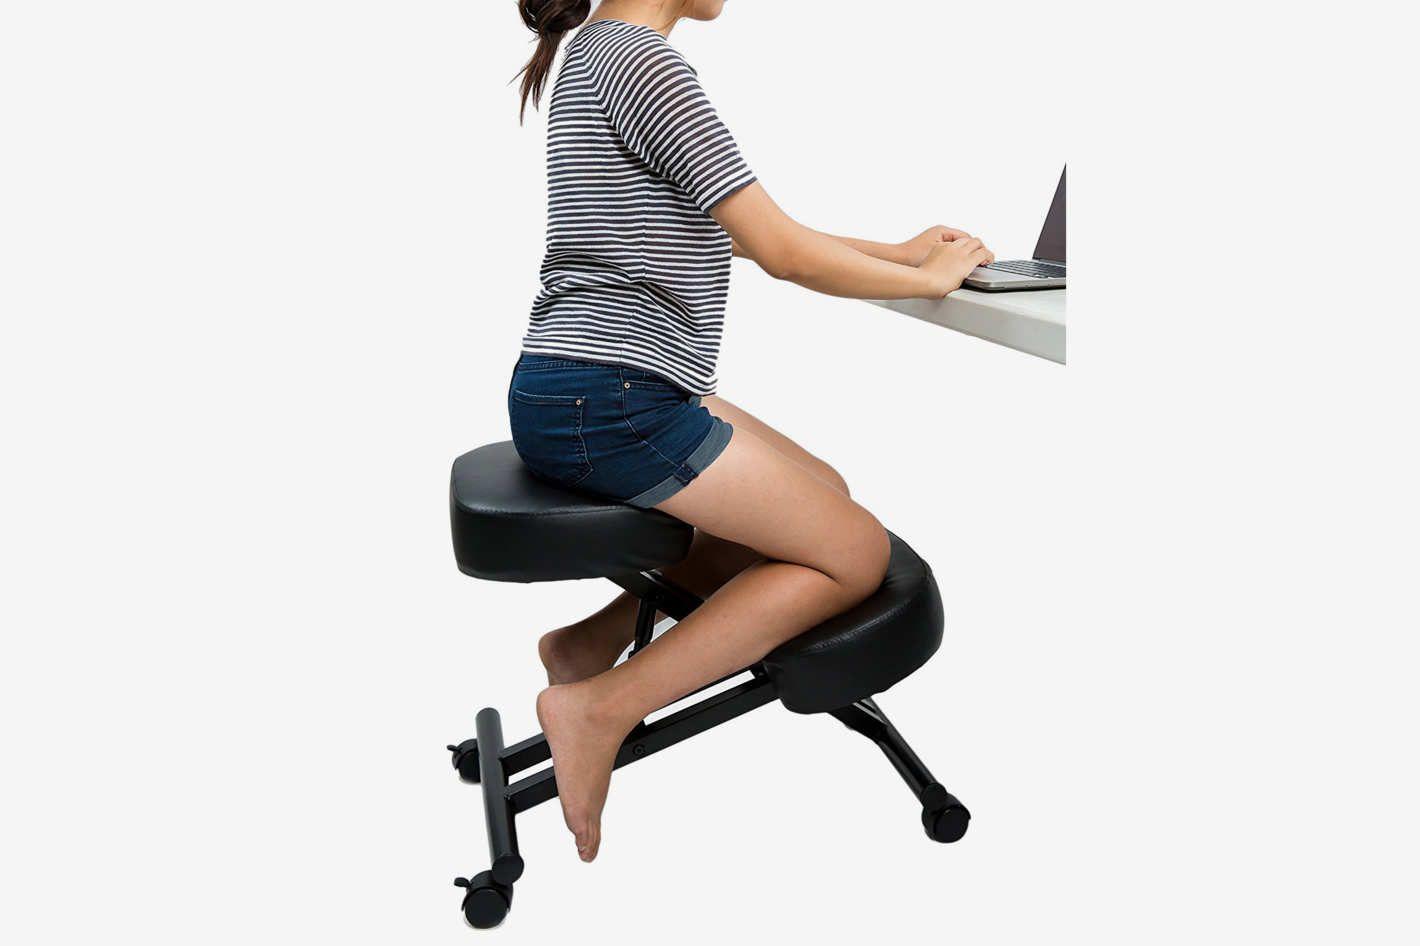 Kneeling Chair Storiestrending Com In 2020 Kneeling Chair